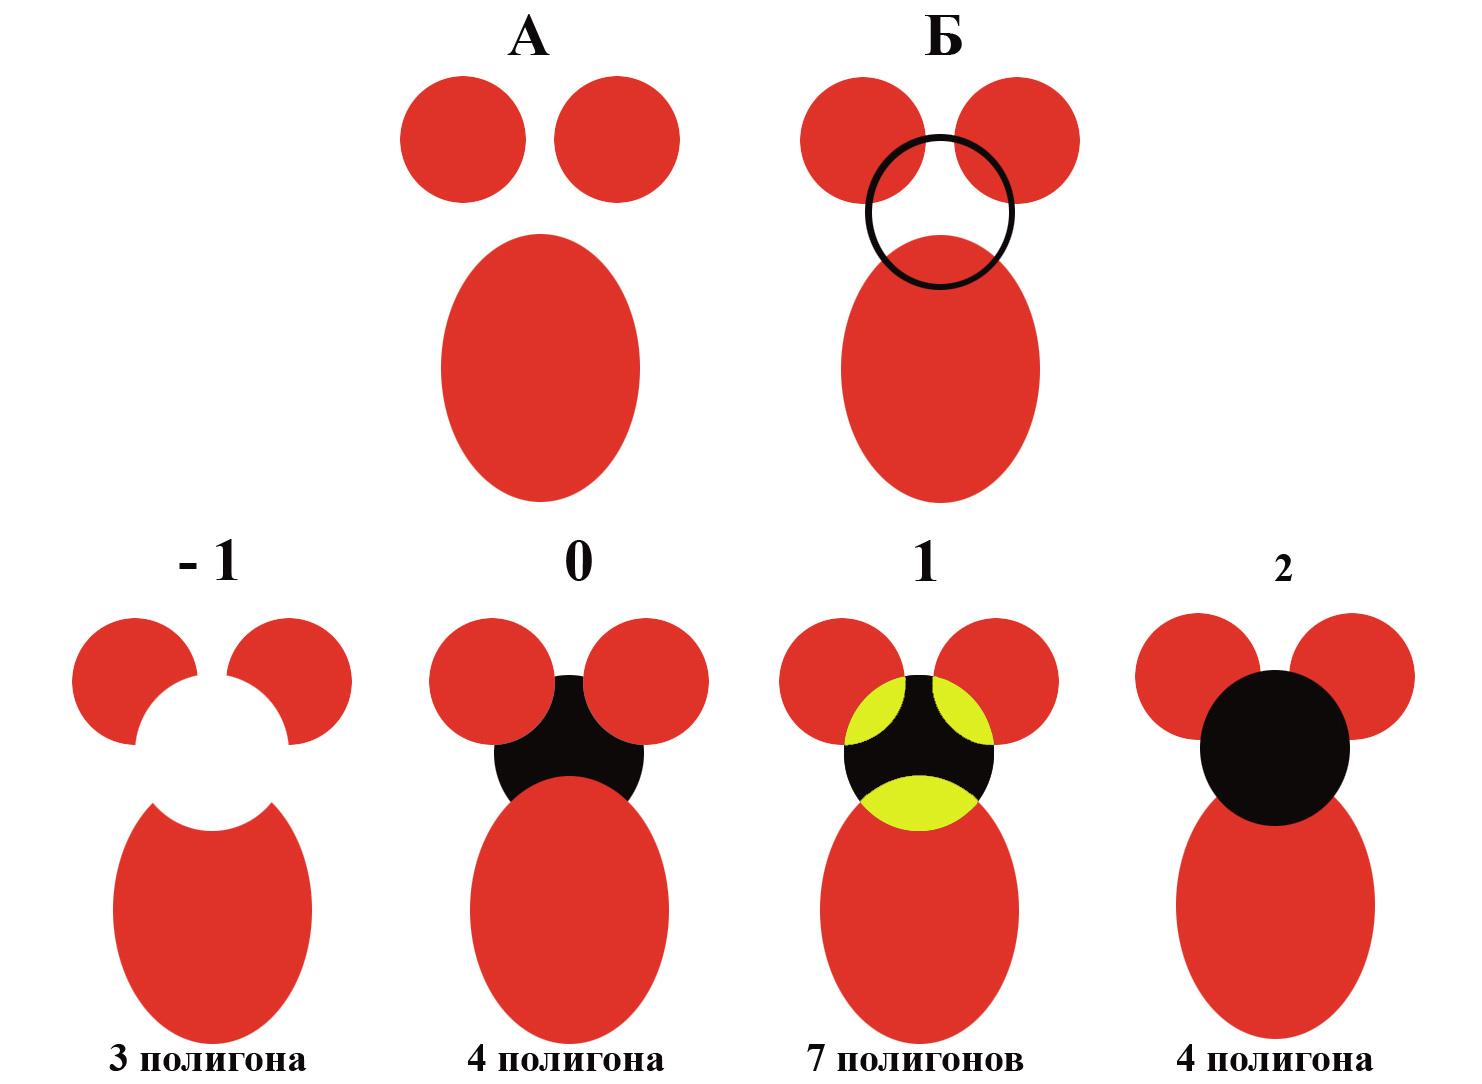 Рис. 112. Пример операций с полигонами при разном приоритете пересечений. А – полигональная тема – источник; Б – добавление нового полигона; разные варианты пересечений полигонов при разном приоритете